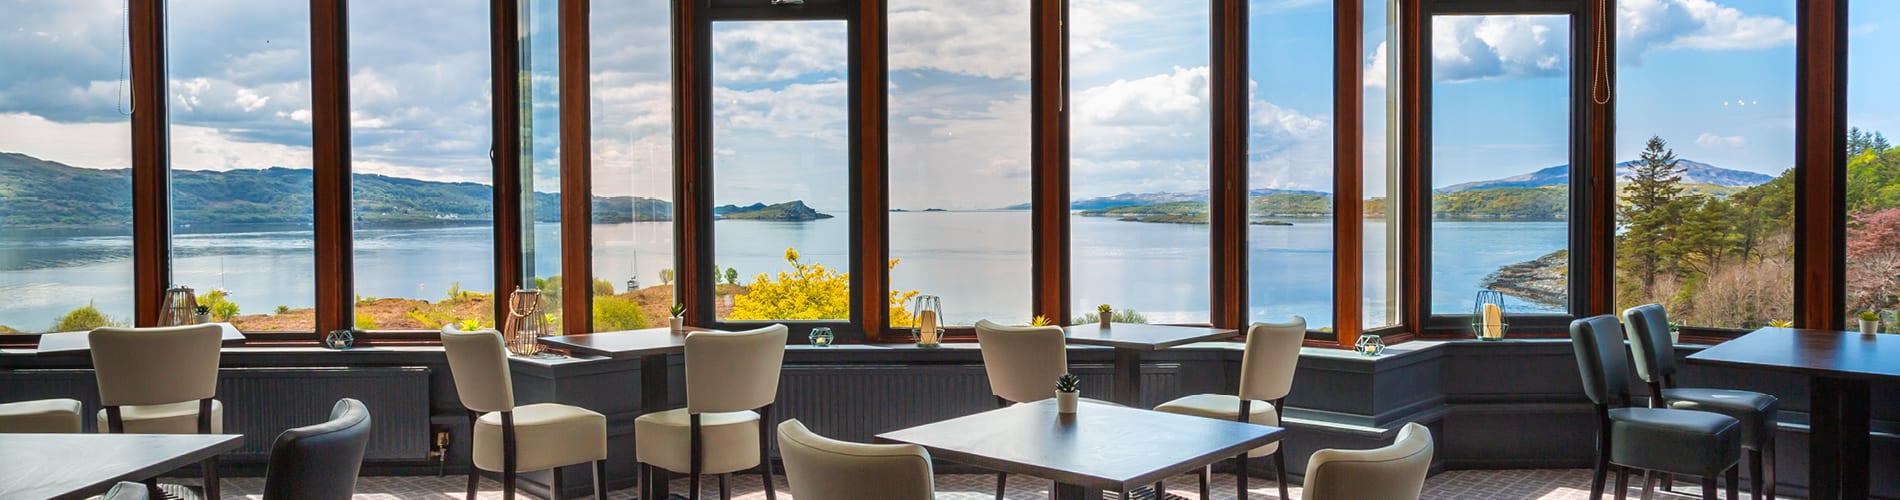 Restaurant at Loch Melfort Hotel